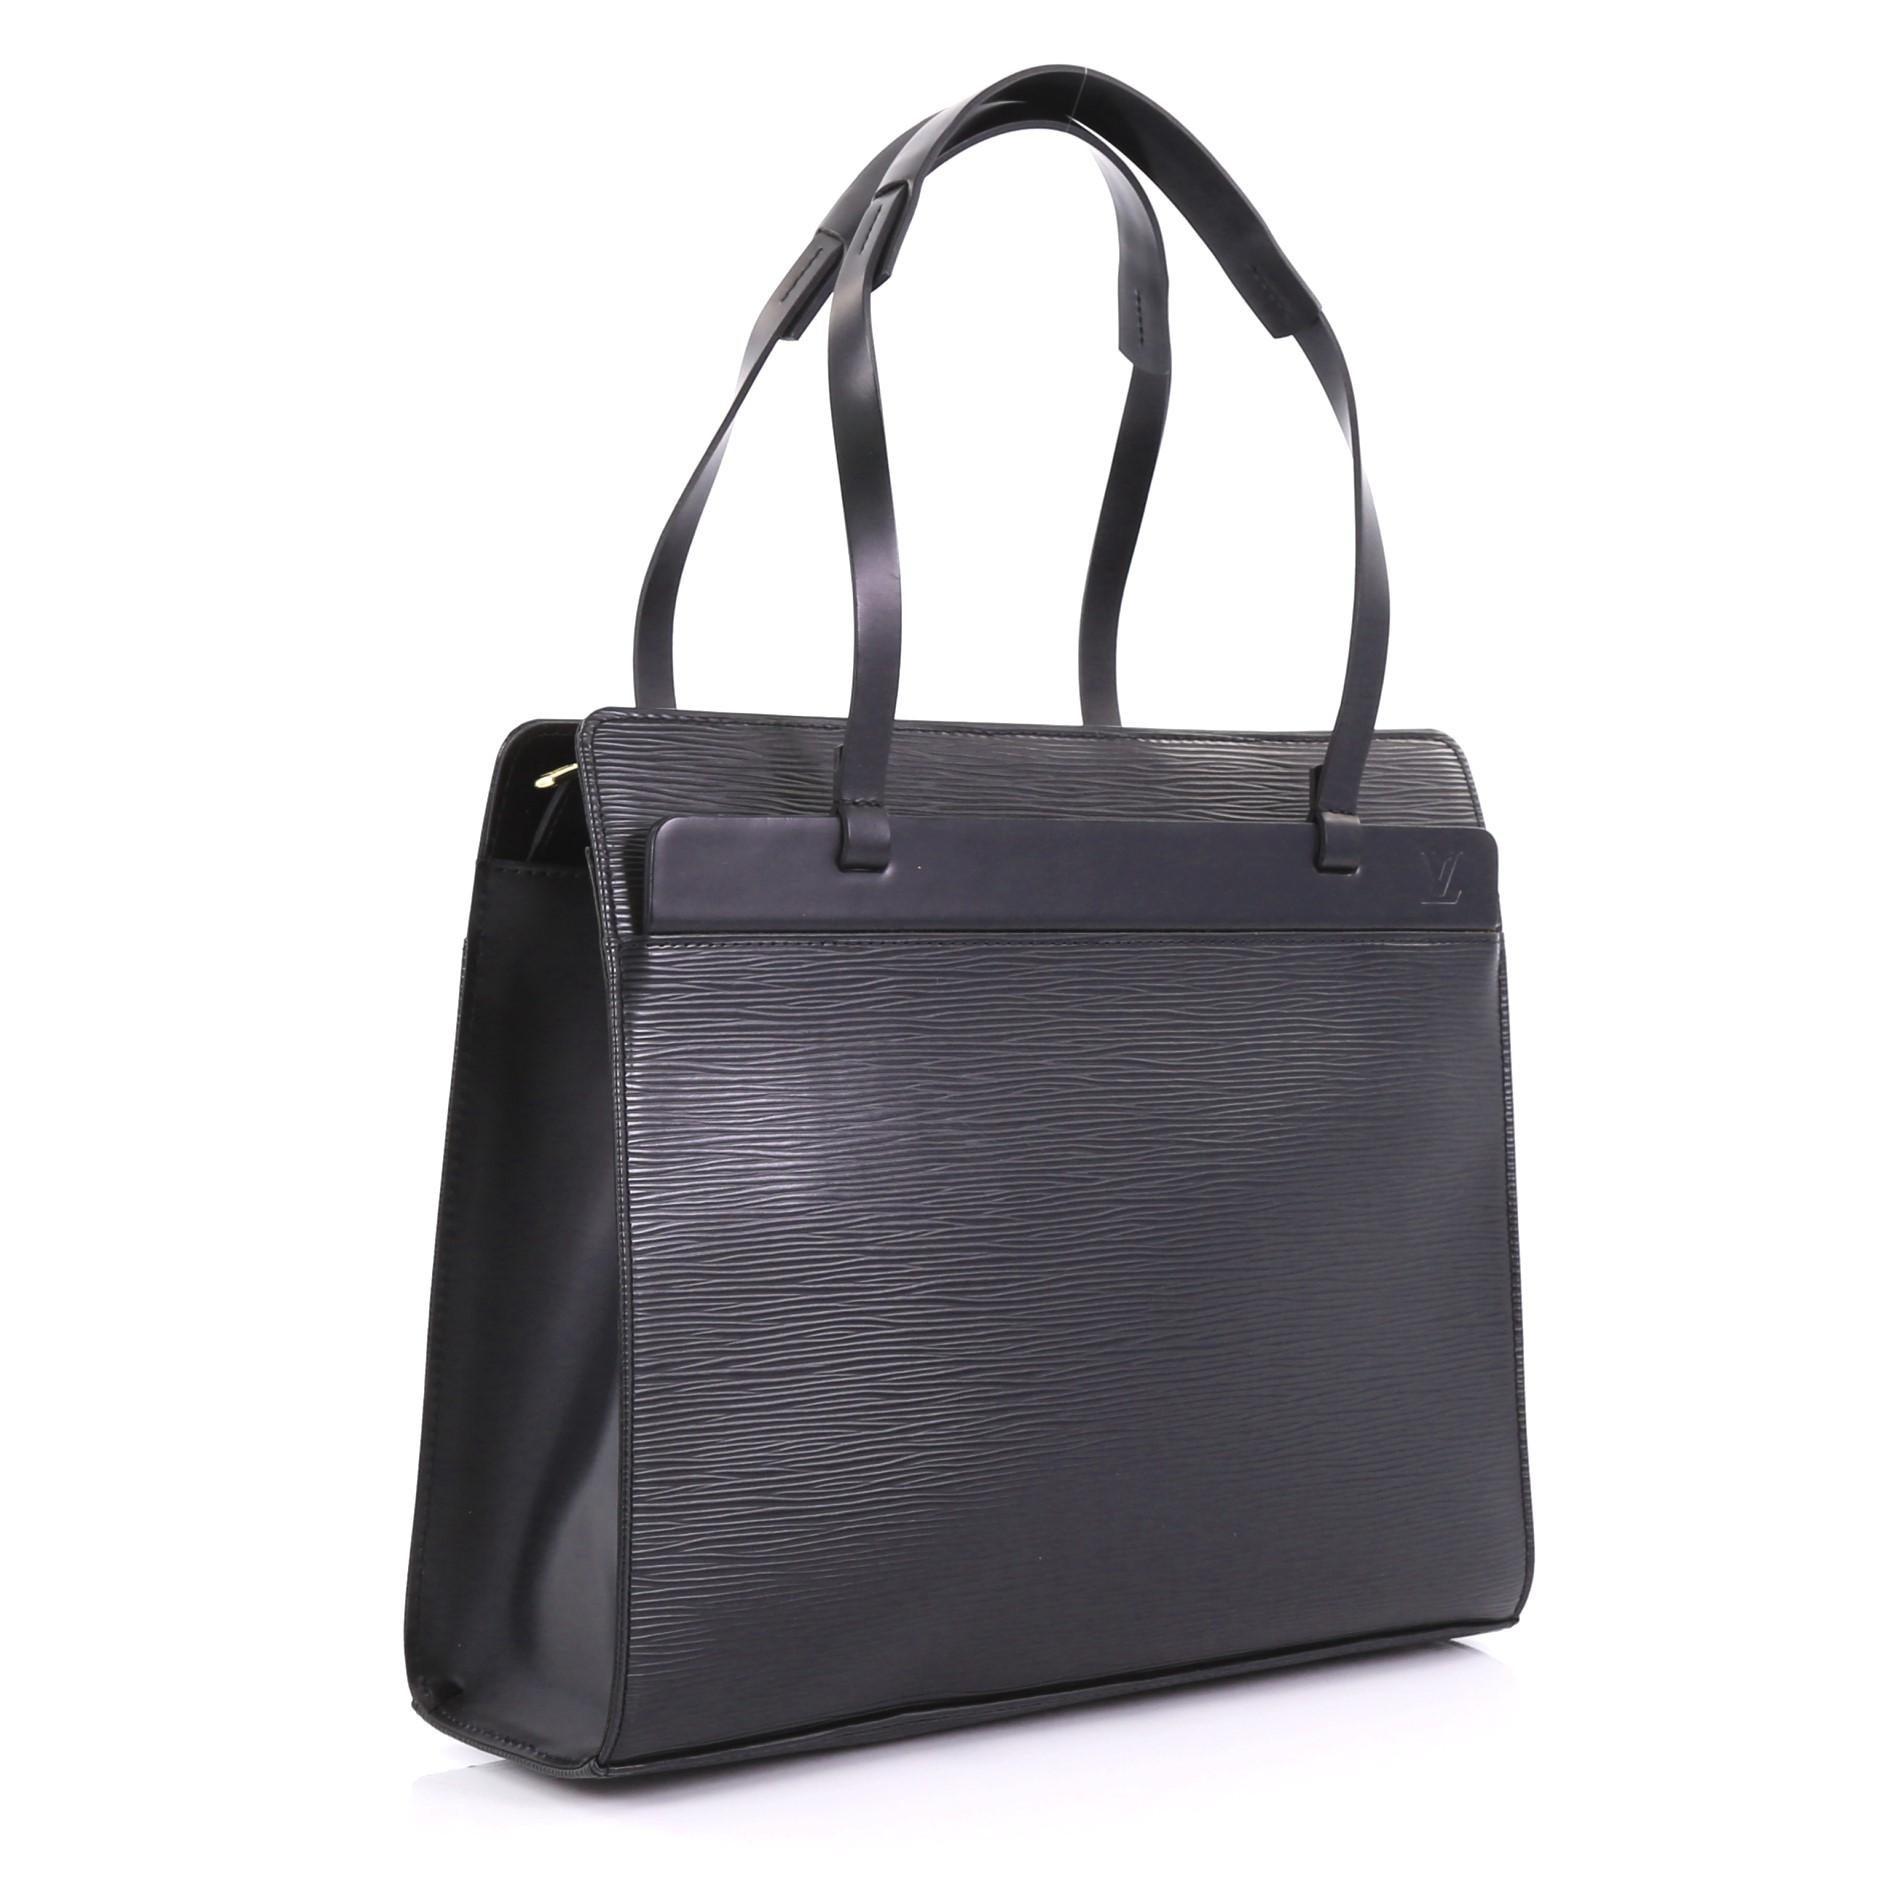 65249520dec3 Louis Vuitton Croisette Handbag Epi Leather PM at 1stdibs